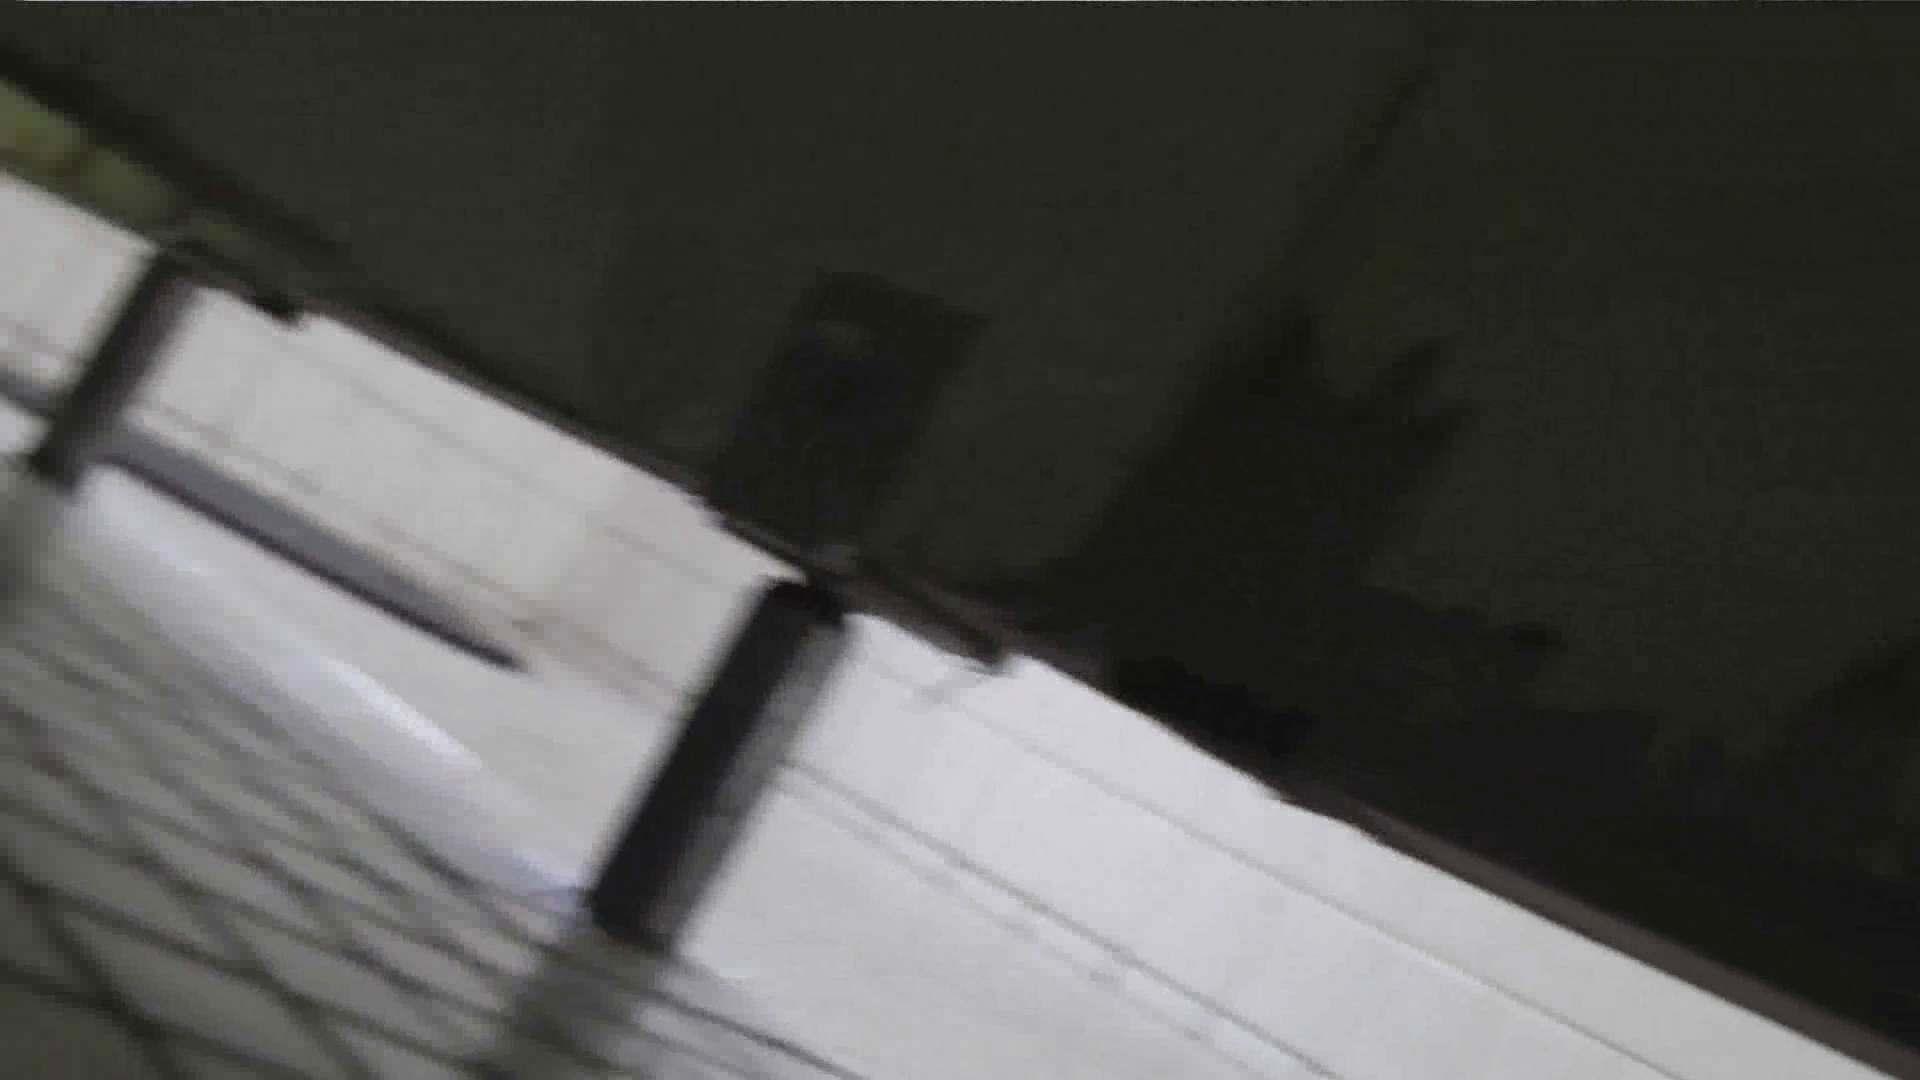 【美しき個室な世界】 vol.023 めんこい人たち 洗面所  104pic 10